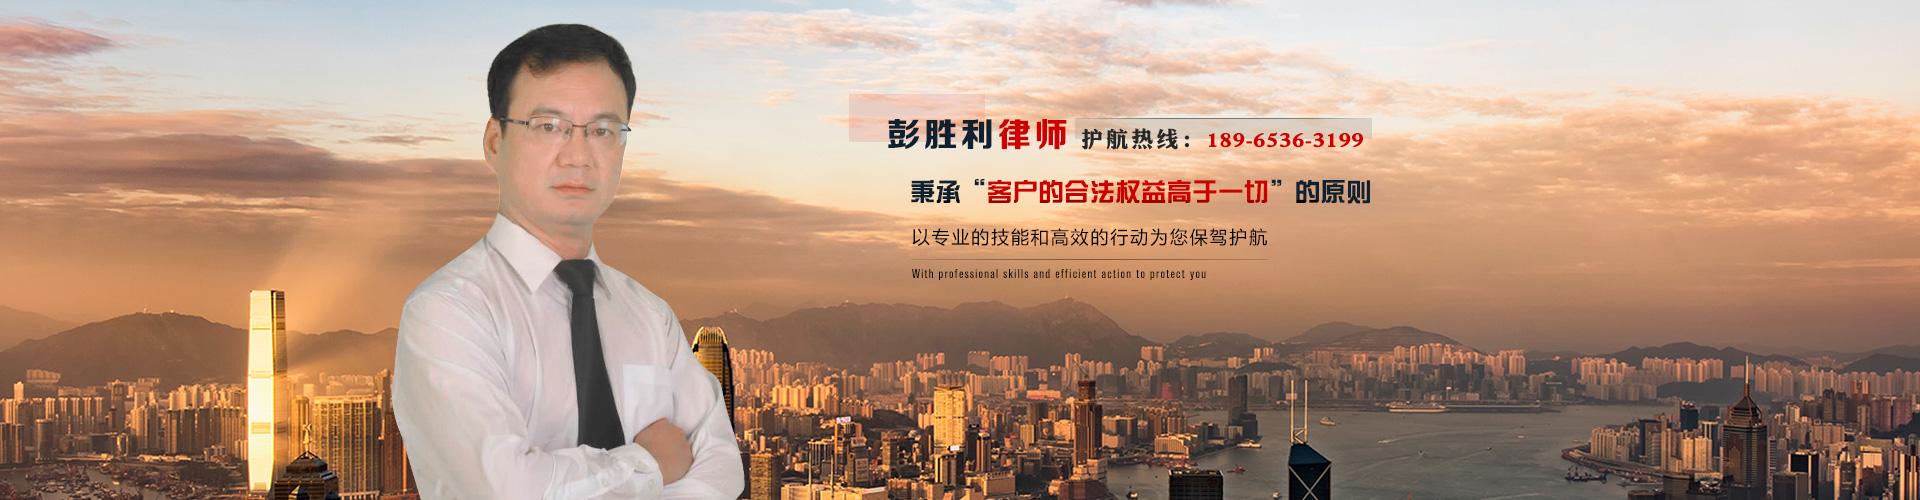 福建彭胜利律师